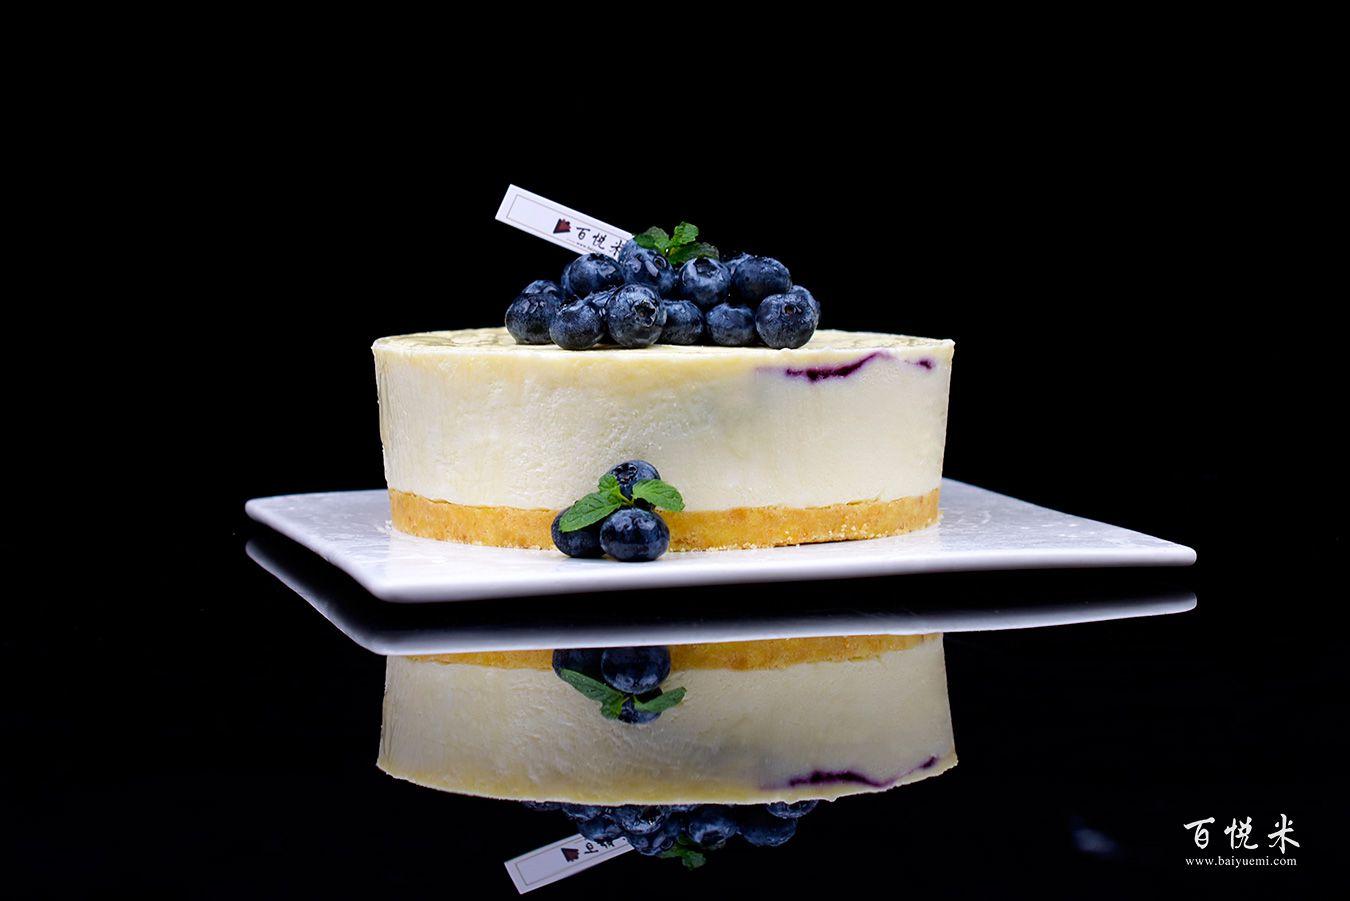 重芝士蛋糕高清图片大全【蛋糕图片】_511